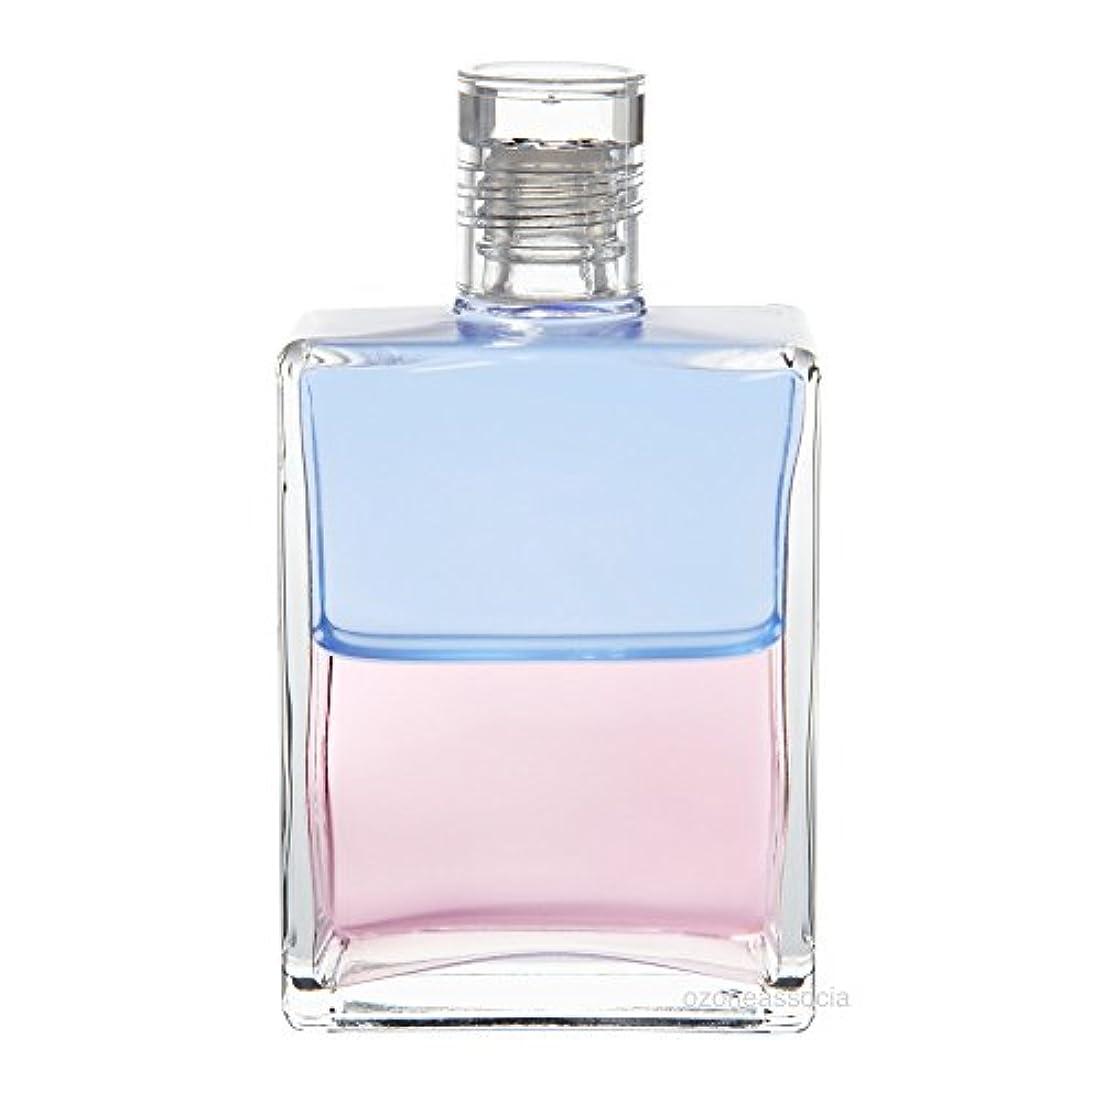 重荷眩惑する日光オーラソーマ ボトル 58番  オリオン&アンジェリカ (ペールブルー/ペールピンク) イクイリブリアムボトル50ml Aurasoma